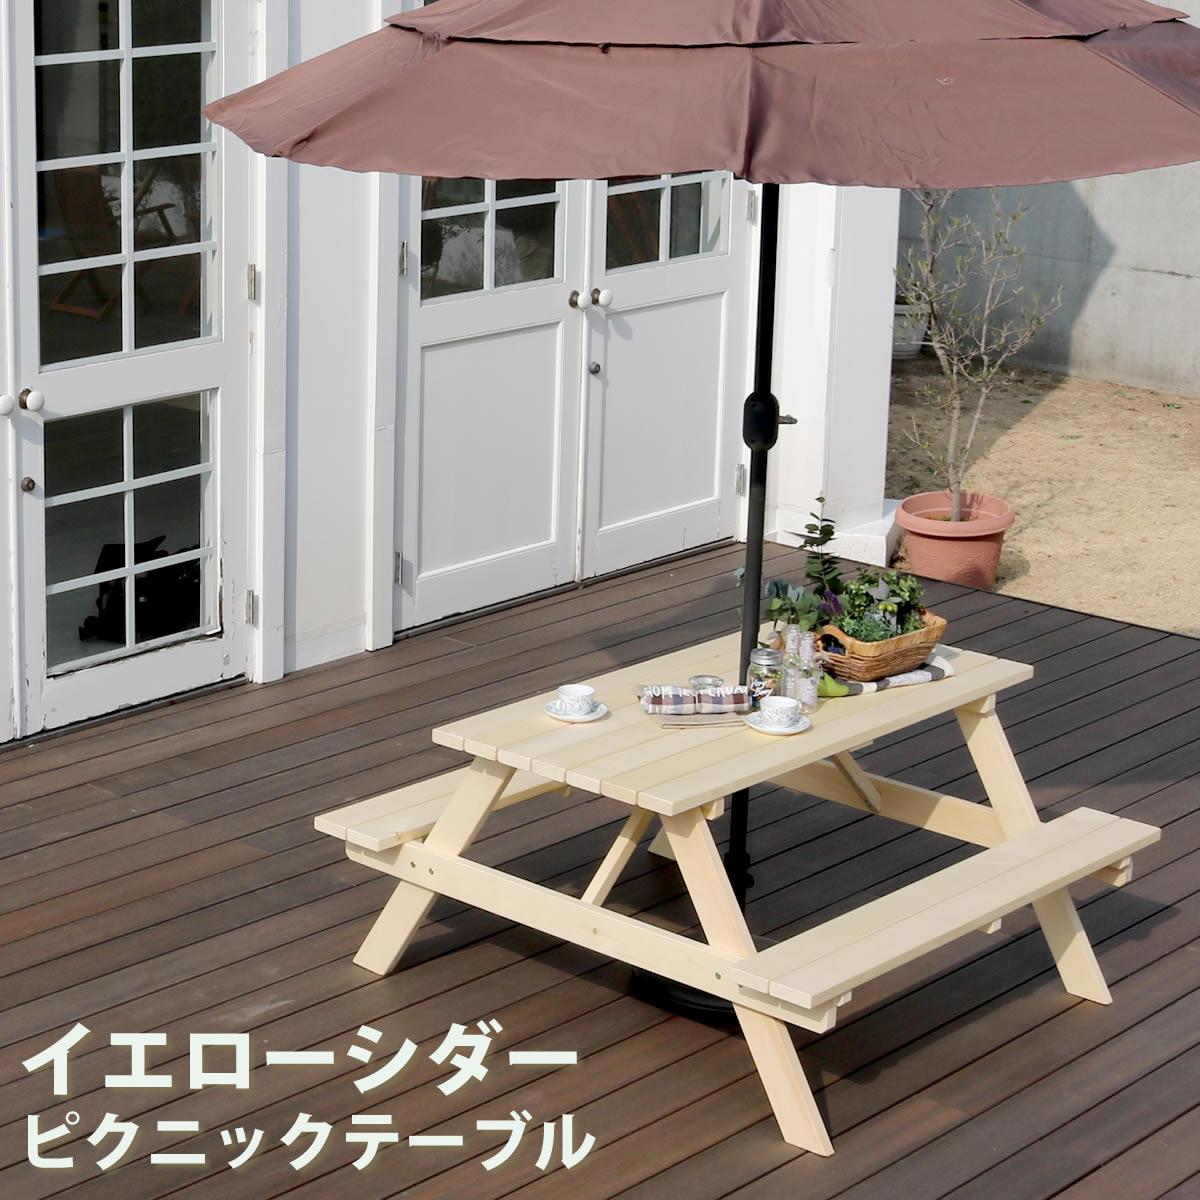 ガーデンファニチャー, テーブル